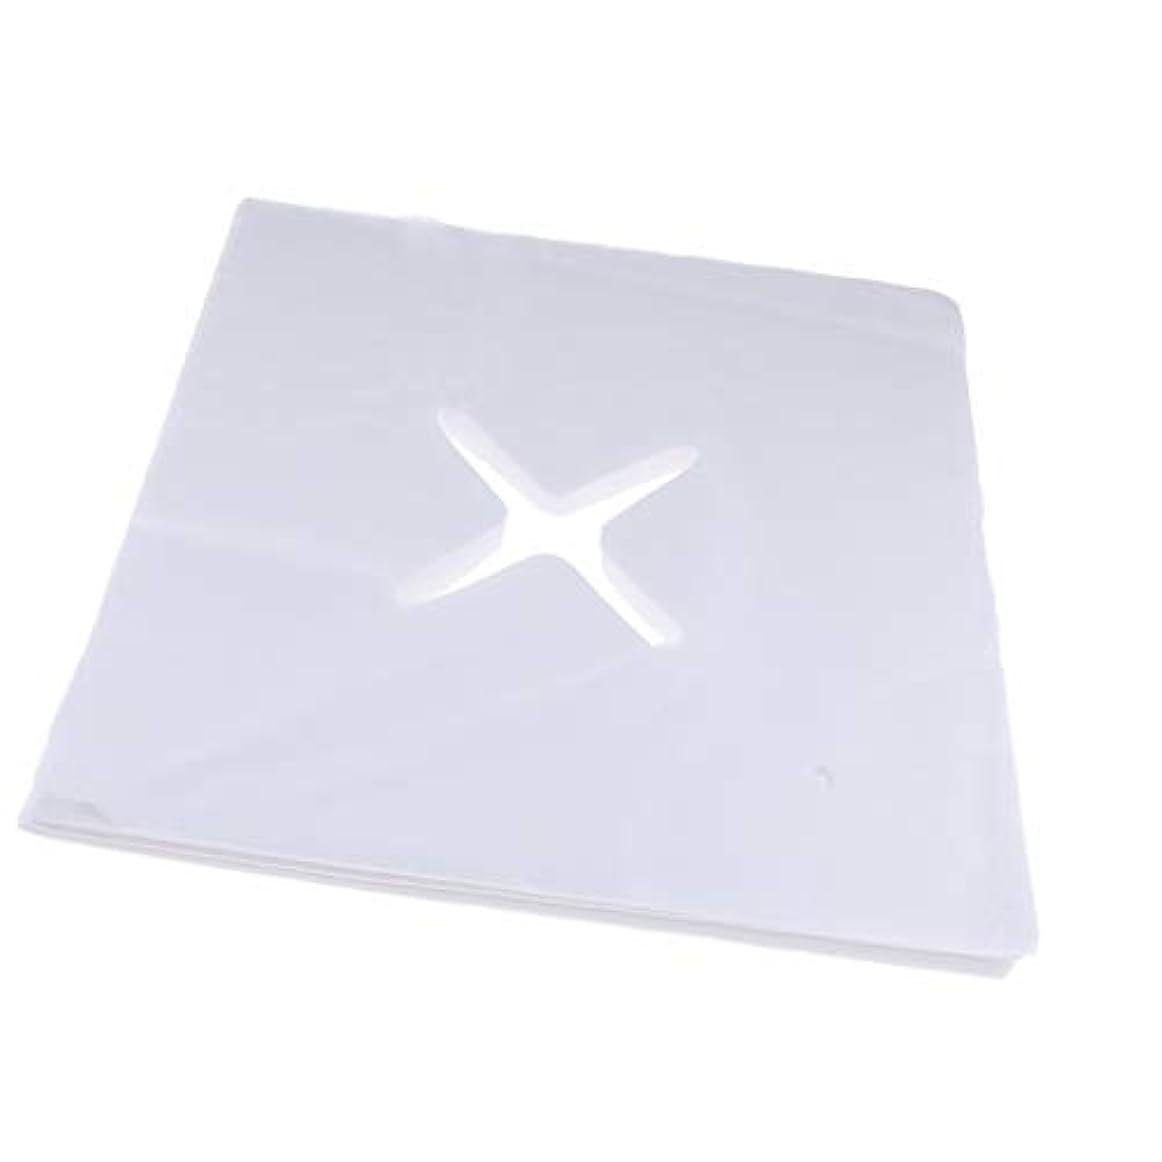 マーベル摘むにもかかわらずPerfeclan 約200枚 ピローシート 十字カット 使い捨て フェイスカバー 不織布PP クッション S/M - S